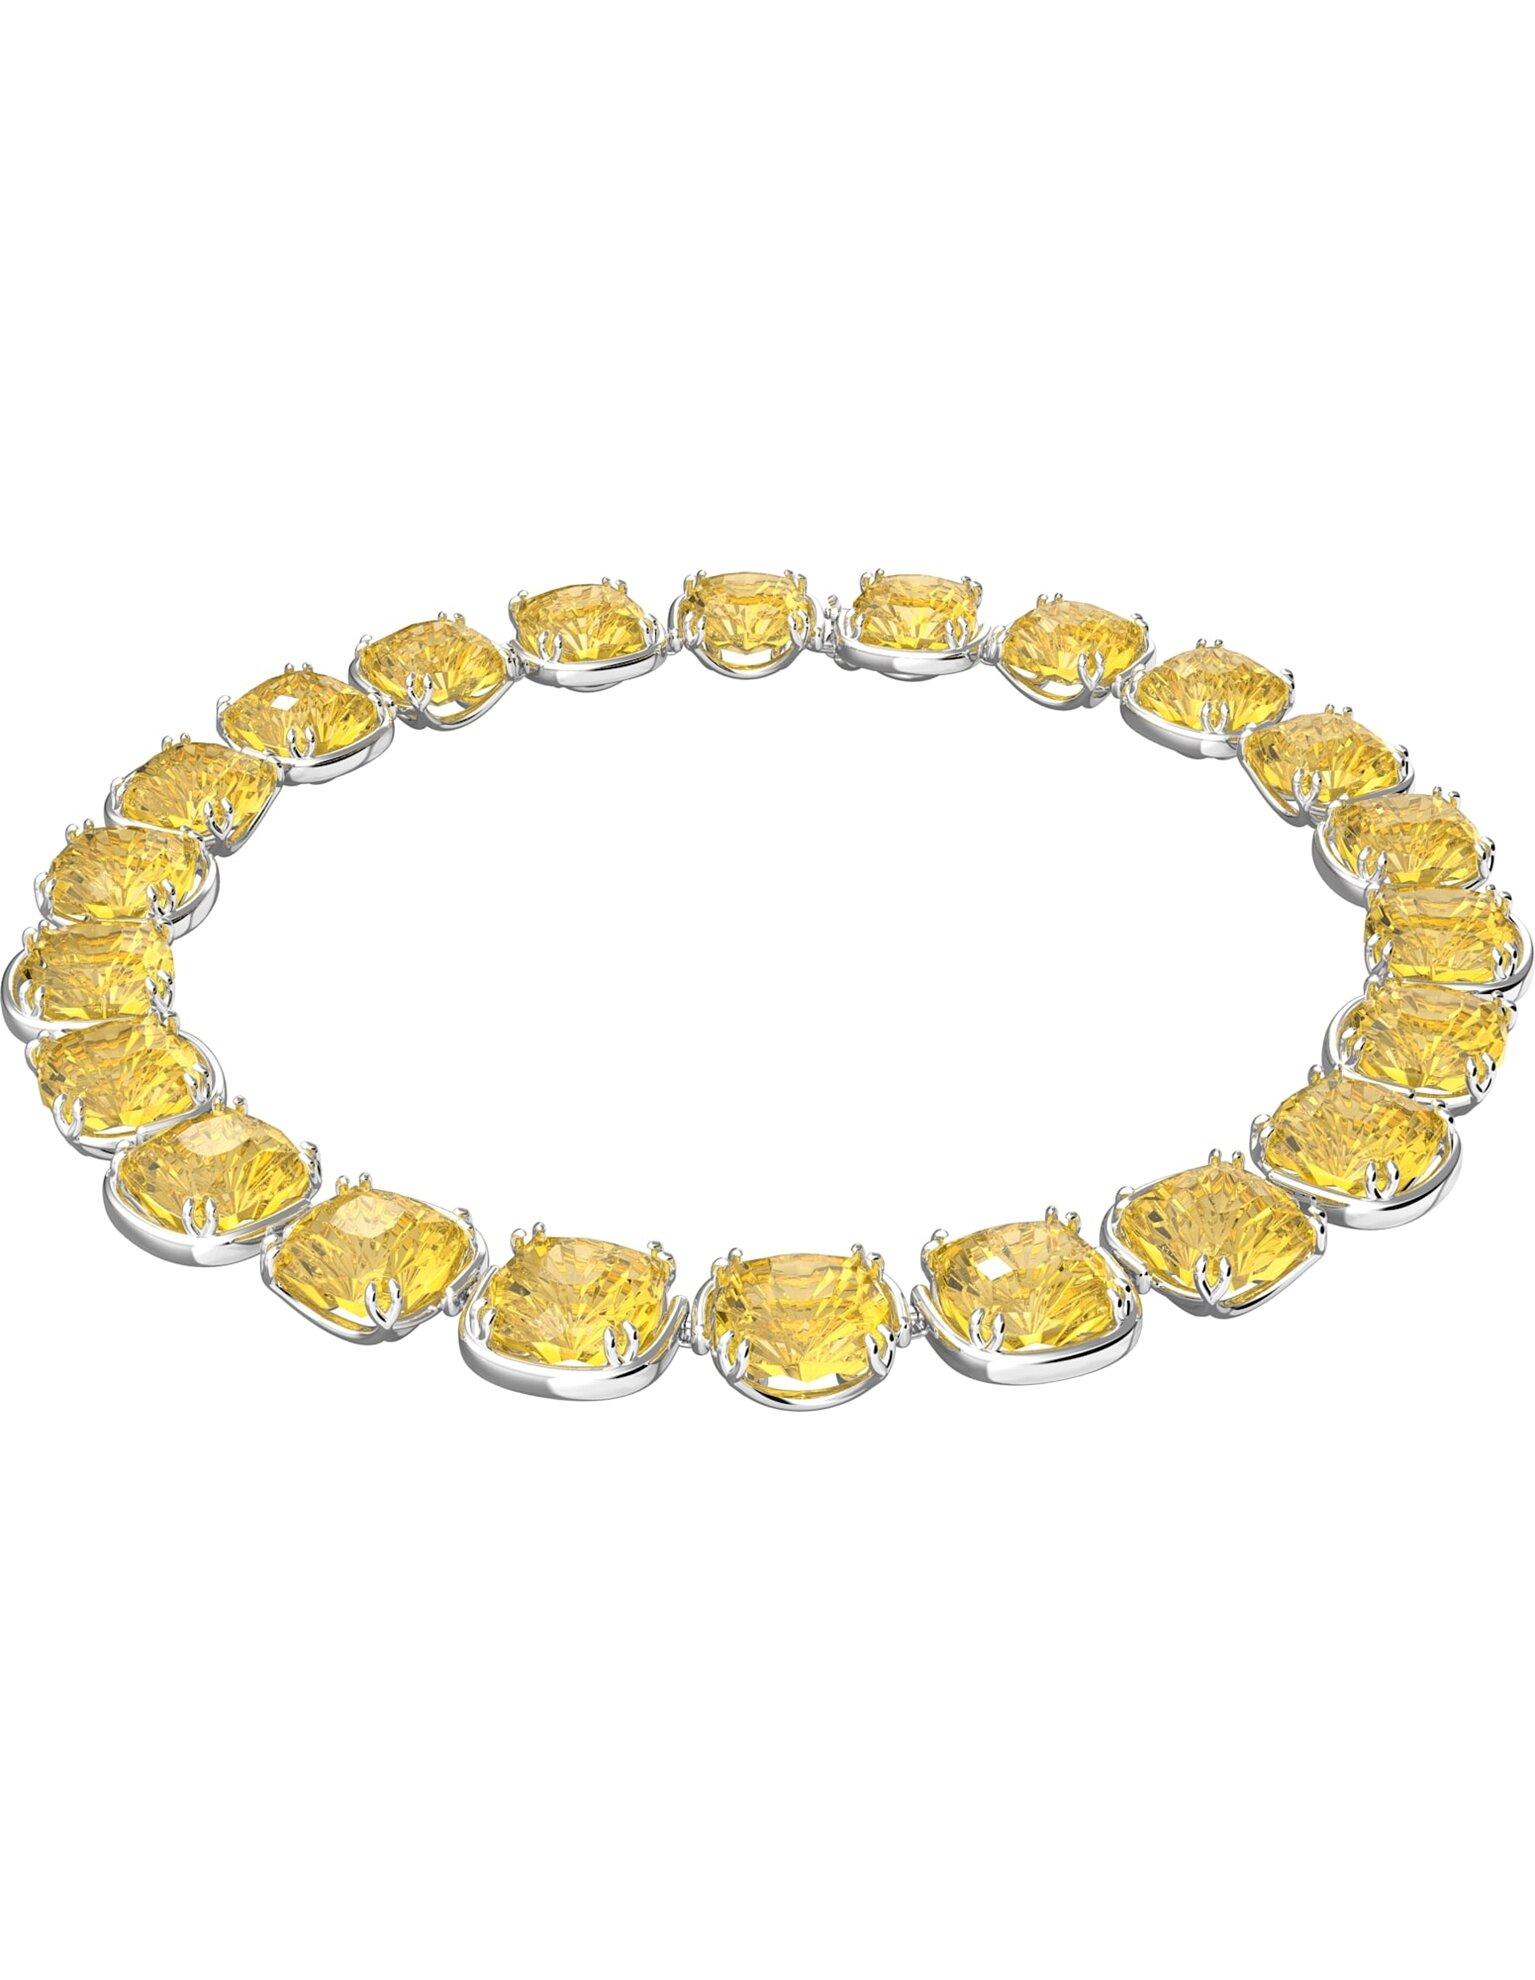 Picture of Harmonia Gerdanlık, Yastık kesim kristaller, Sarı, Rodyum kaplama